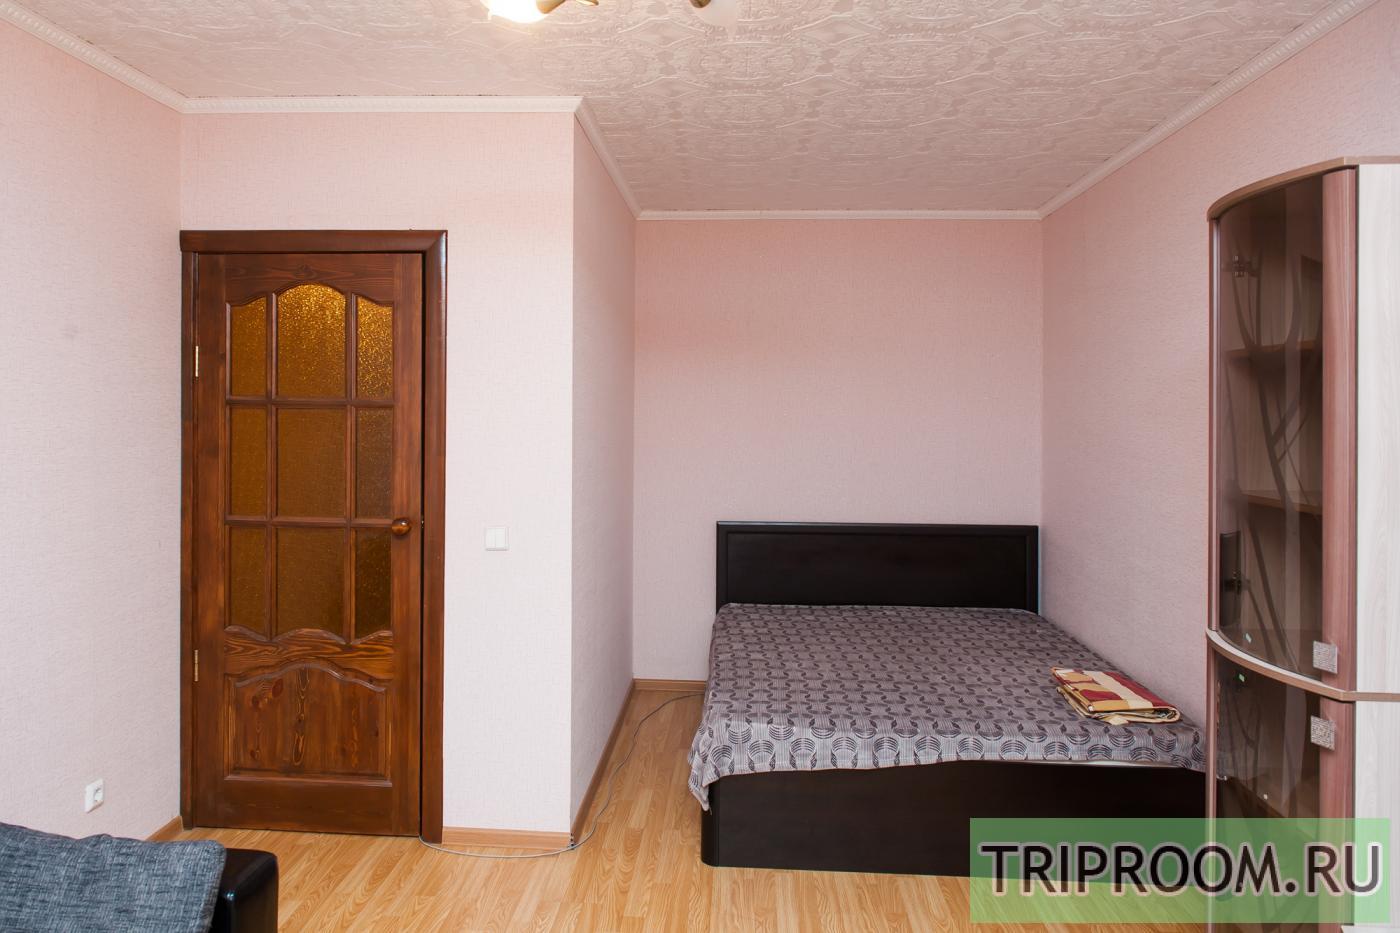 1-комнатная квартира посуточно (вариант № 12761), ул. Краснинское шоссе, фото № 4